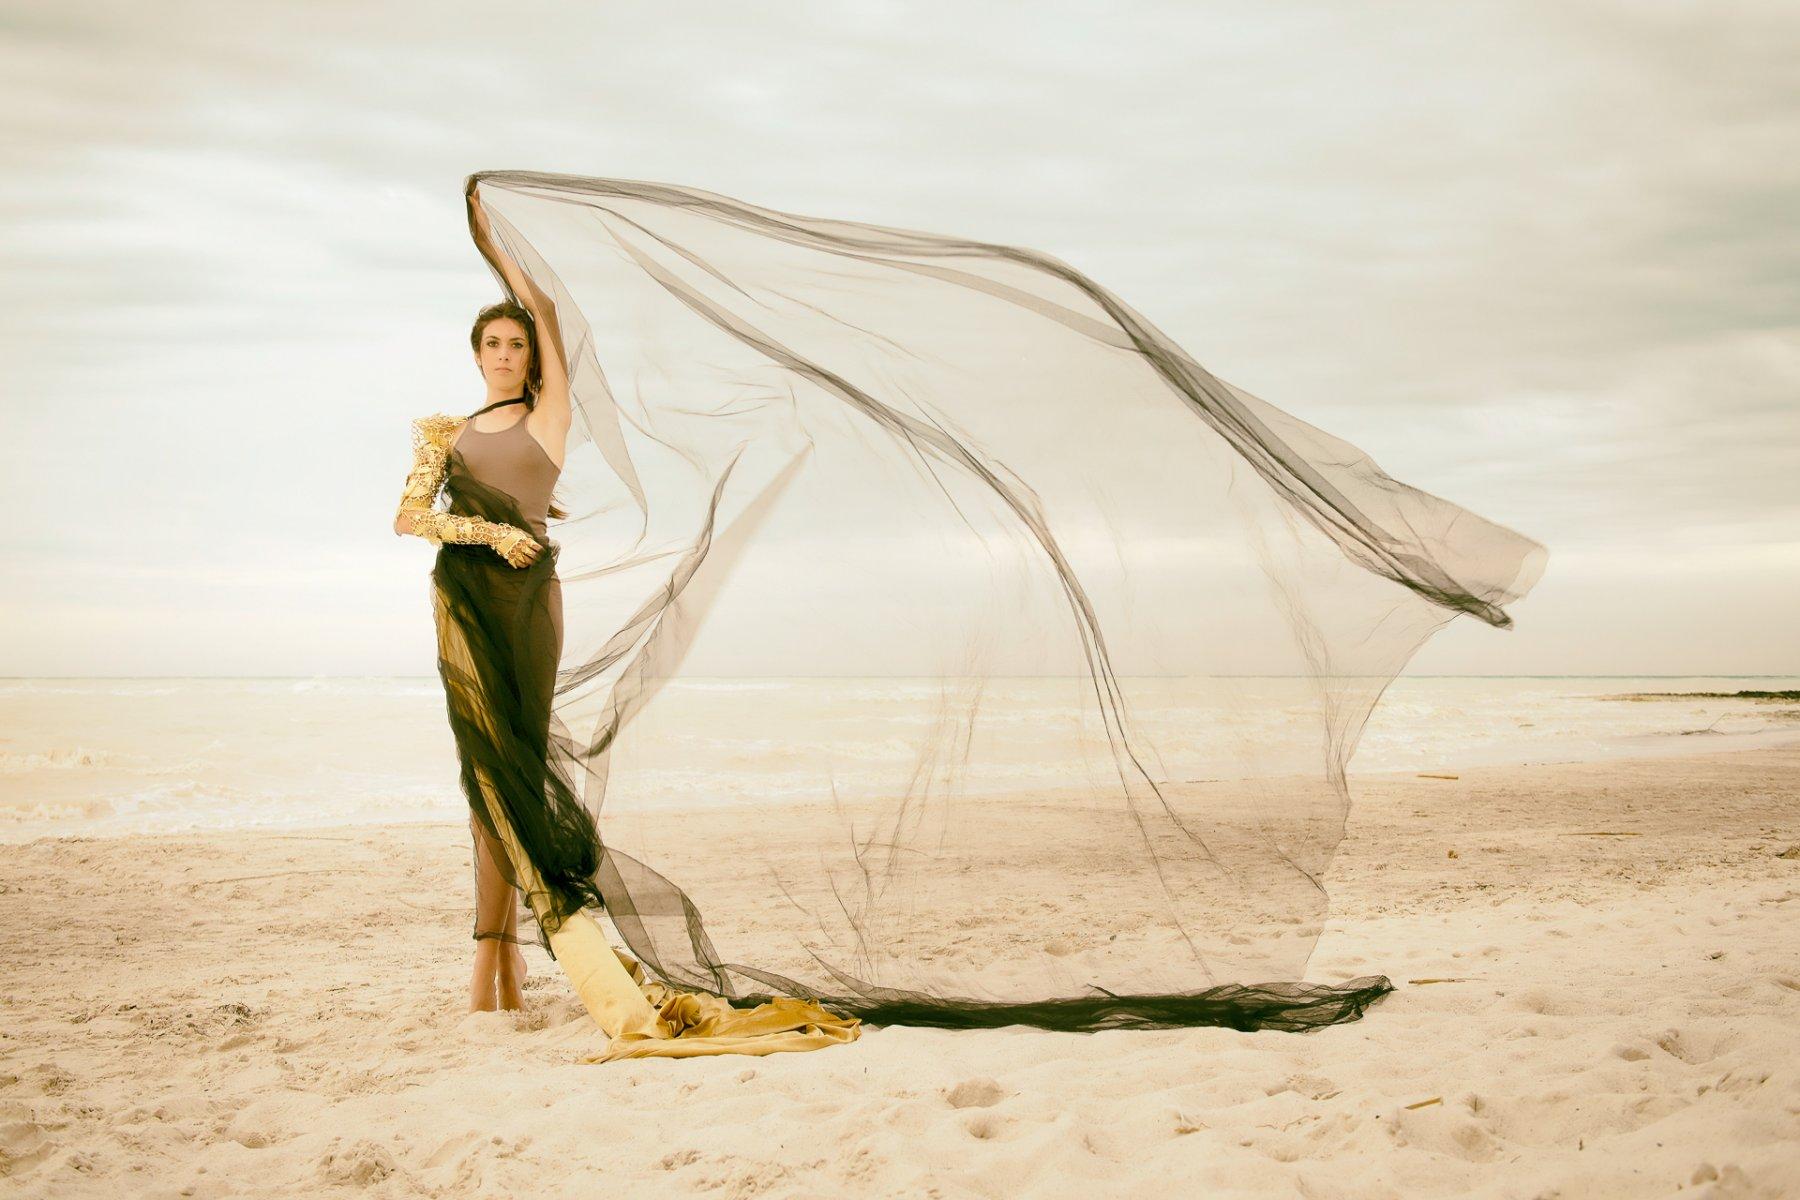 Sea-Queens-Idriss-Guelai-118 Fashion/Adv